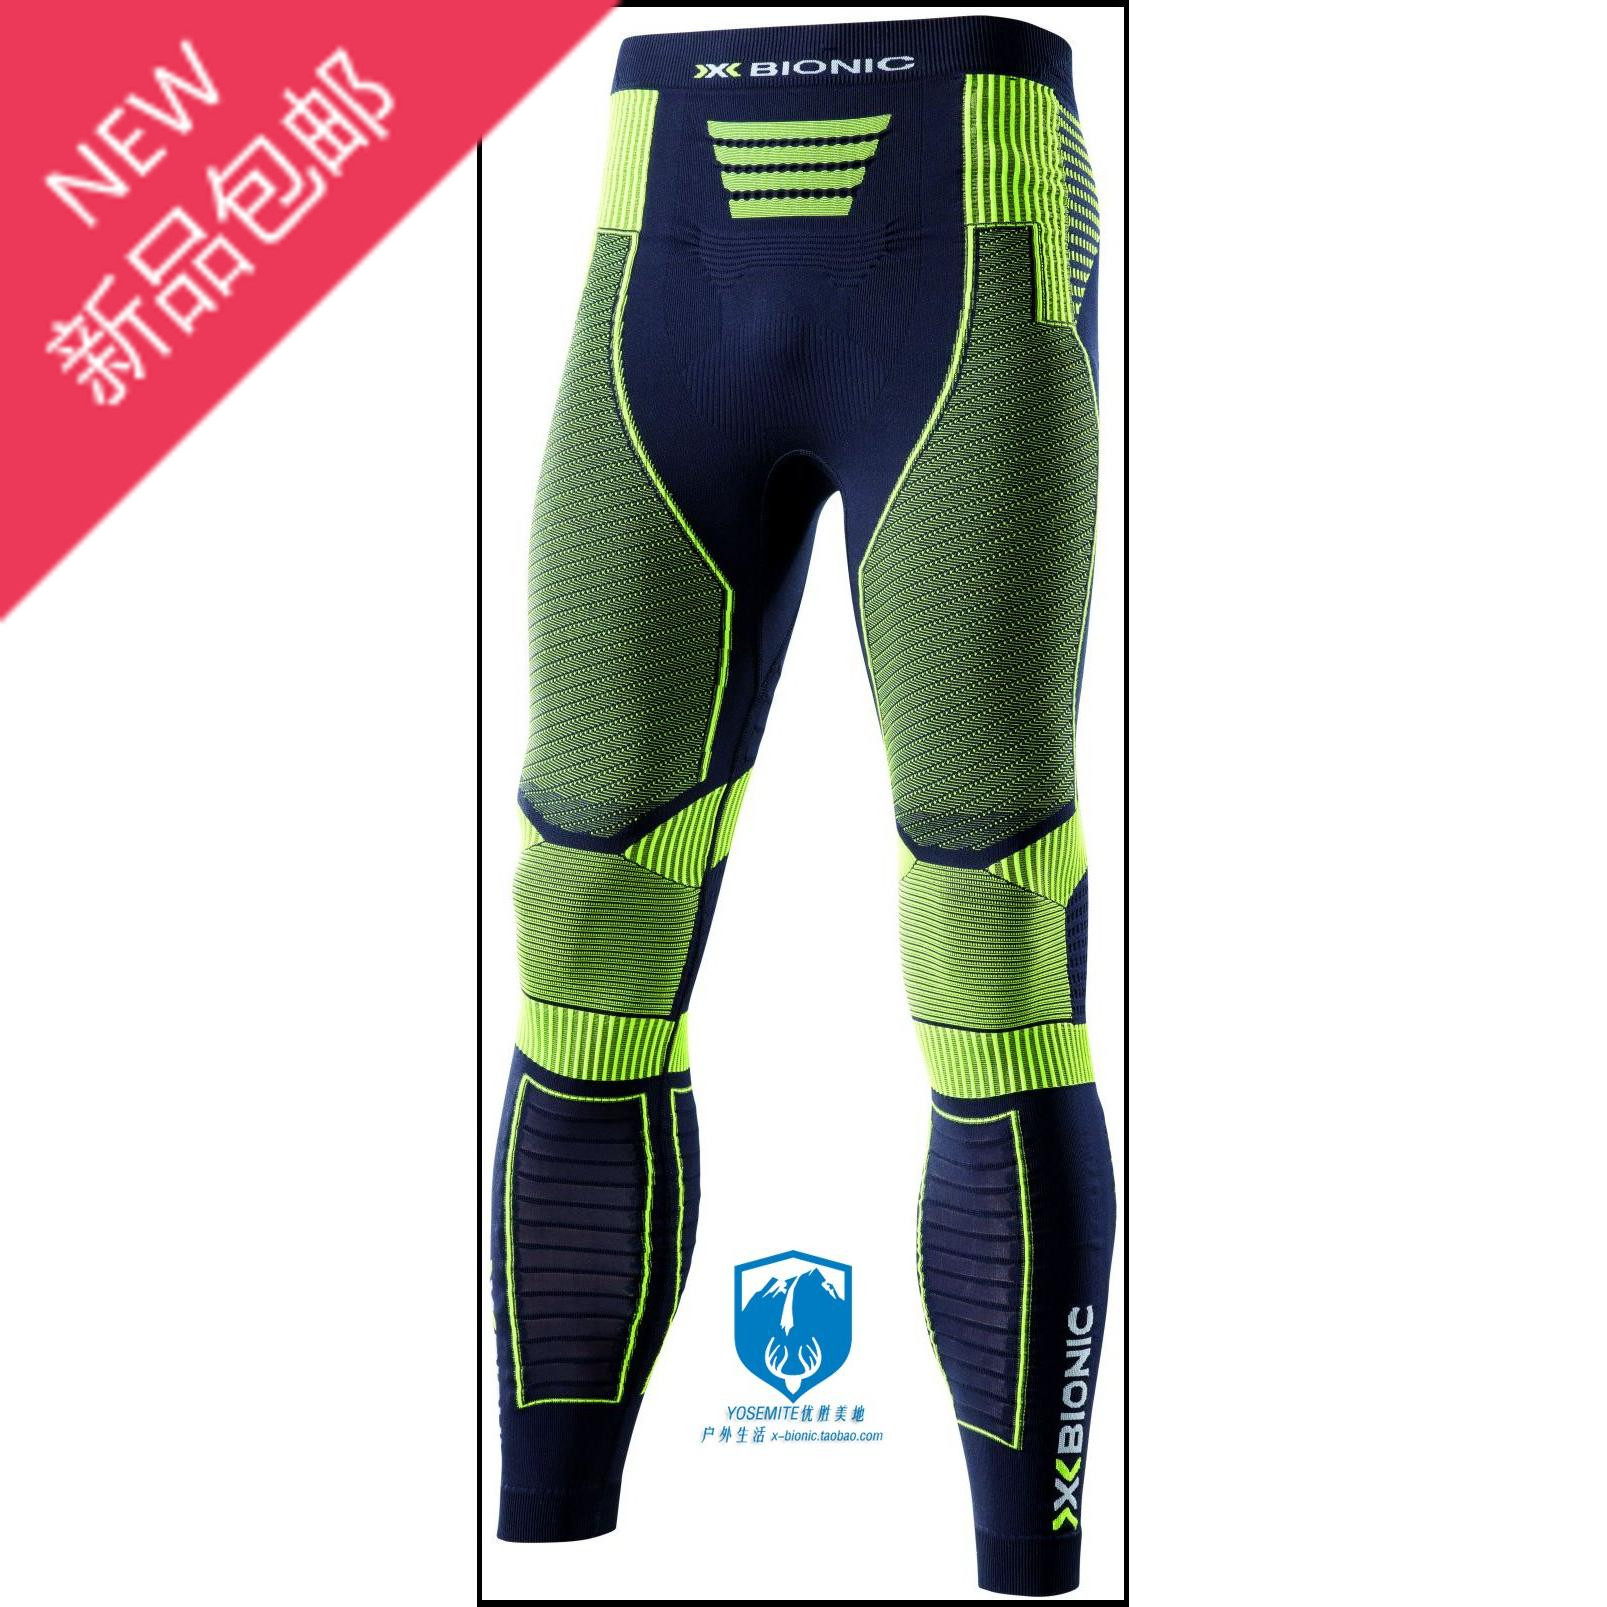 Спортивный костюм X/bionic  O20569 X-Bionic Effektor шорты x bionic x bionic running effektor power ow женские